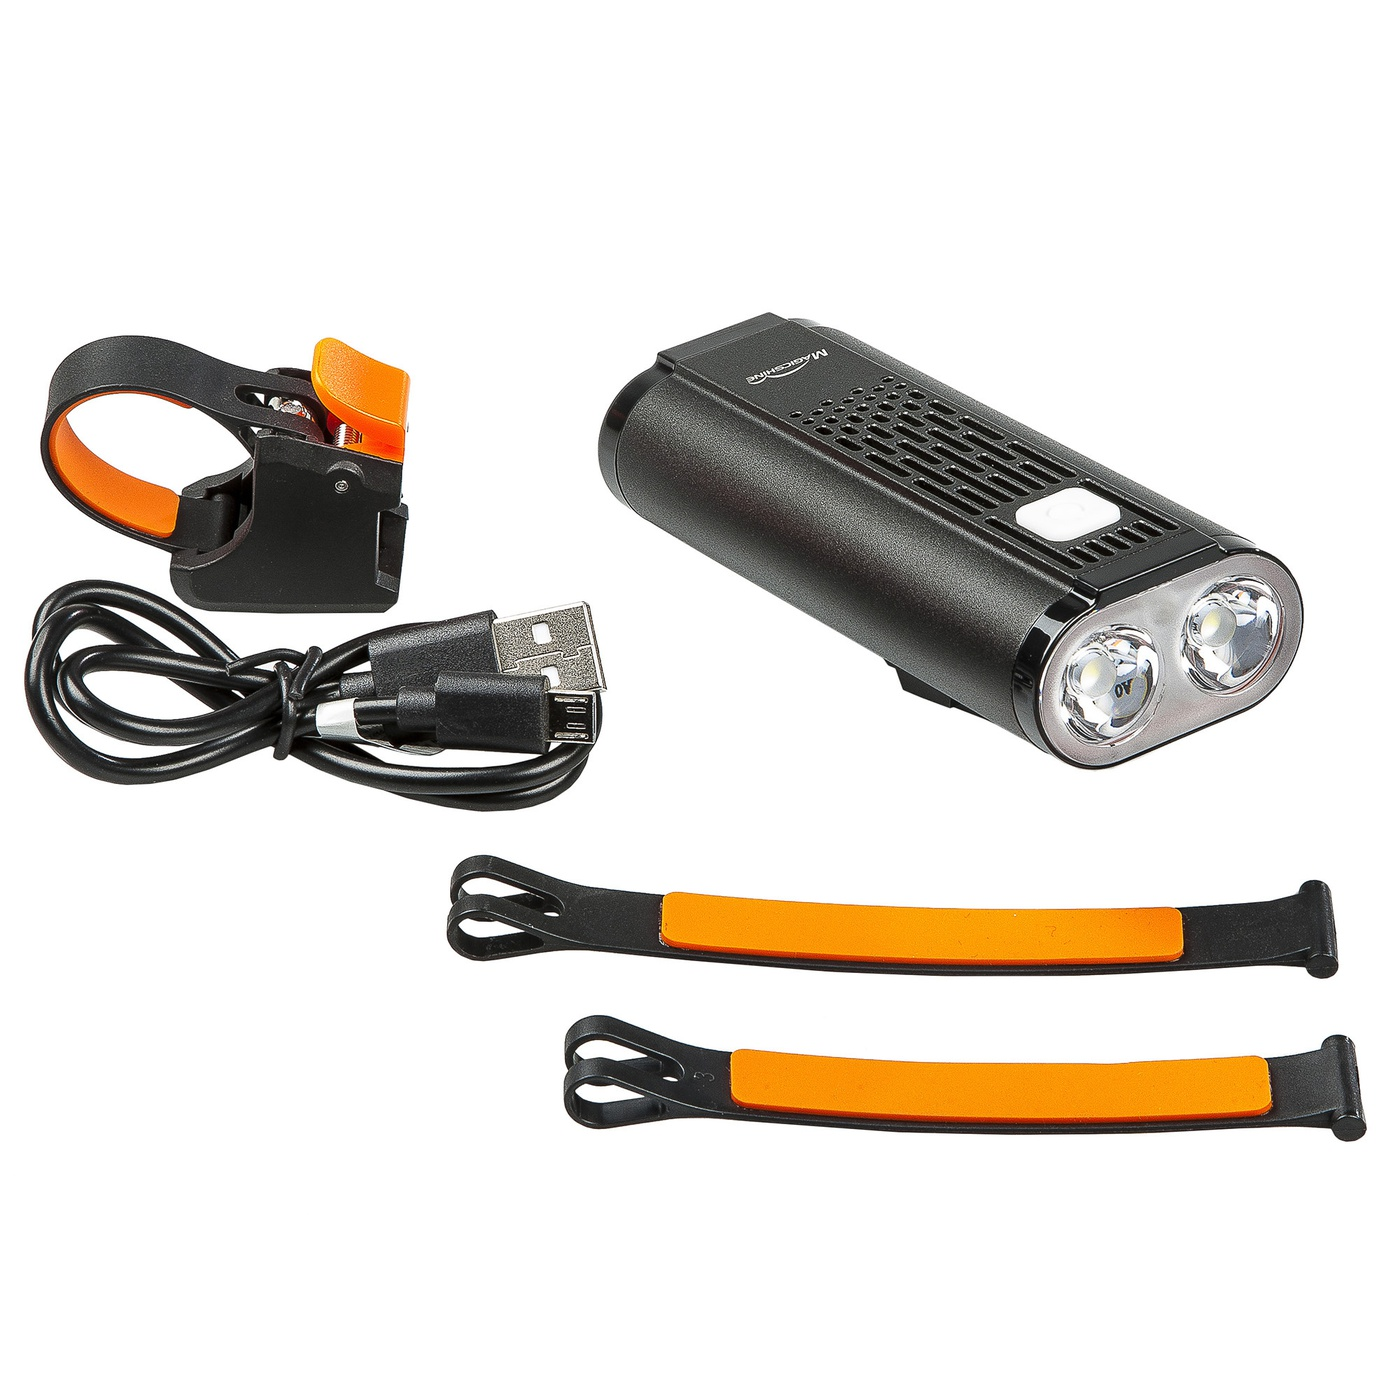 Magicien américain Monteer 1400 vélo lumière USB charge lampe de poche cyclisme étanche vélo phare compatible vtt vélo de route - 3